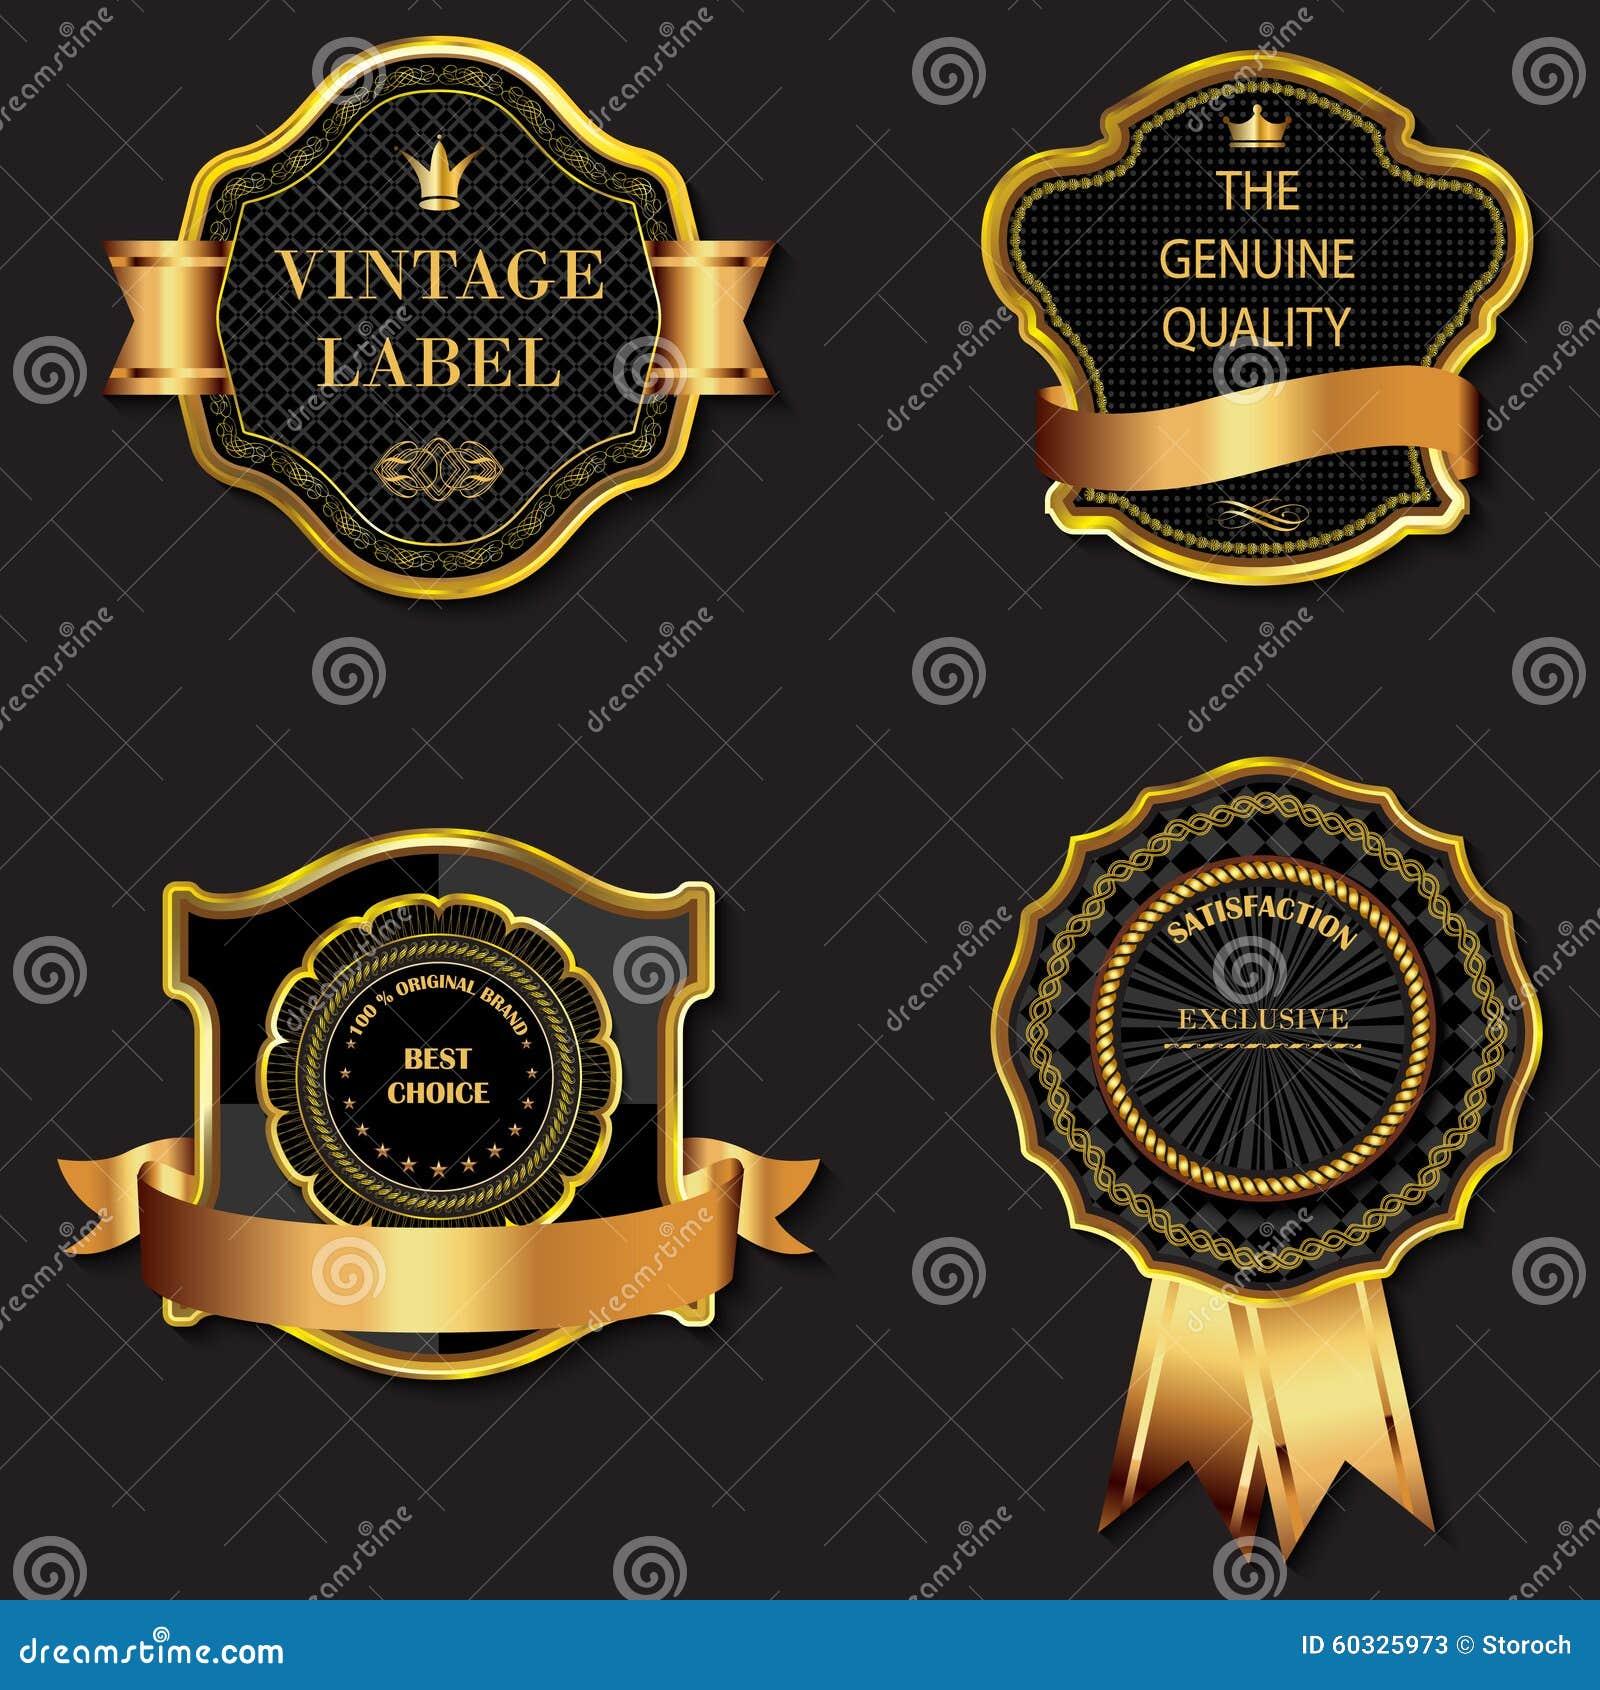 8f4cddaf7a7 Royalty-Free Vector. Set of golden decorative ornate black golden-framed  labels.